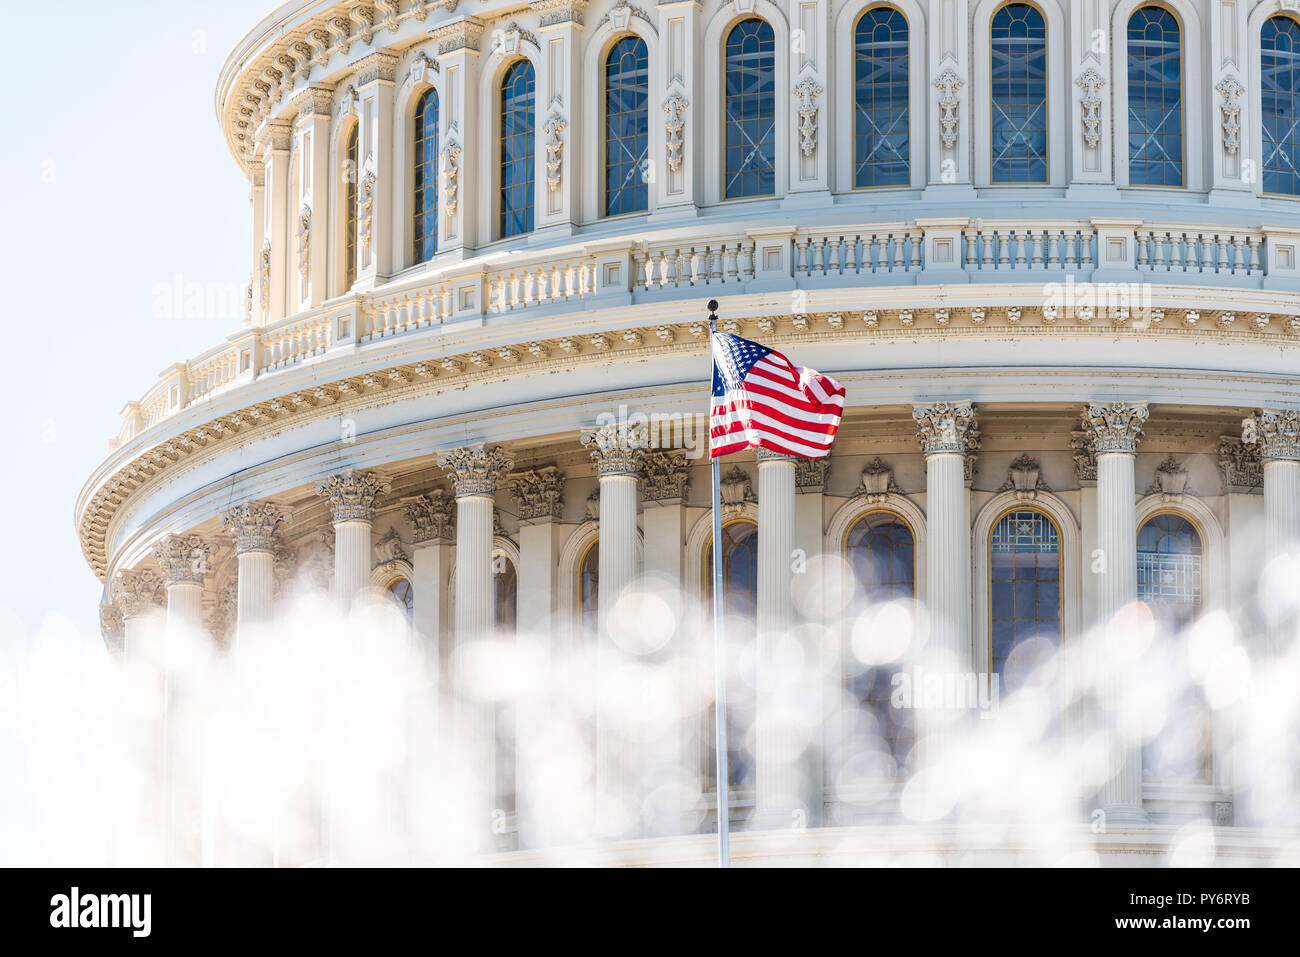 El Congreso de EEUU dome closeup con fondo de fuente de agua, salpicaduras, ondear la bandera americana en Washington DC, EE.UU closeup en Capitol Hill, Capital valores Foto de stock